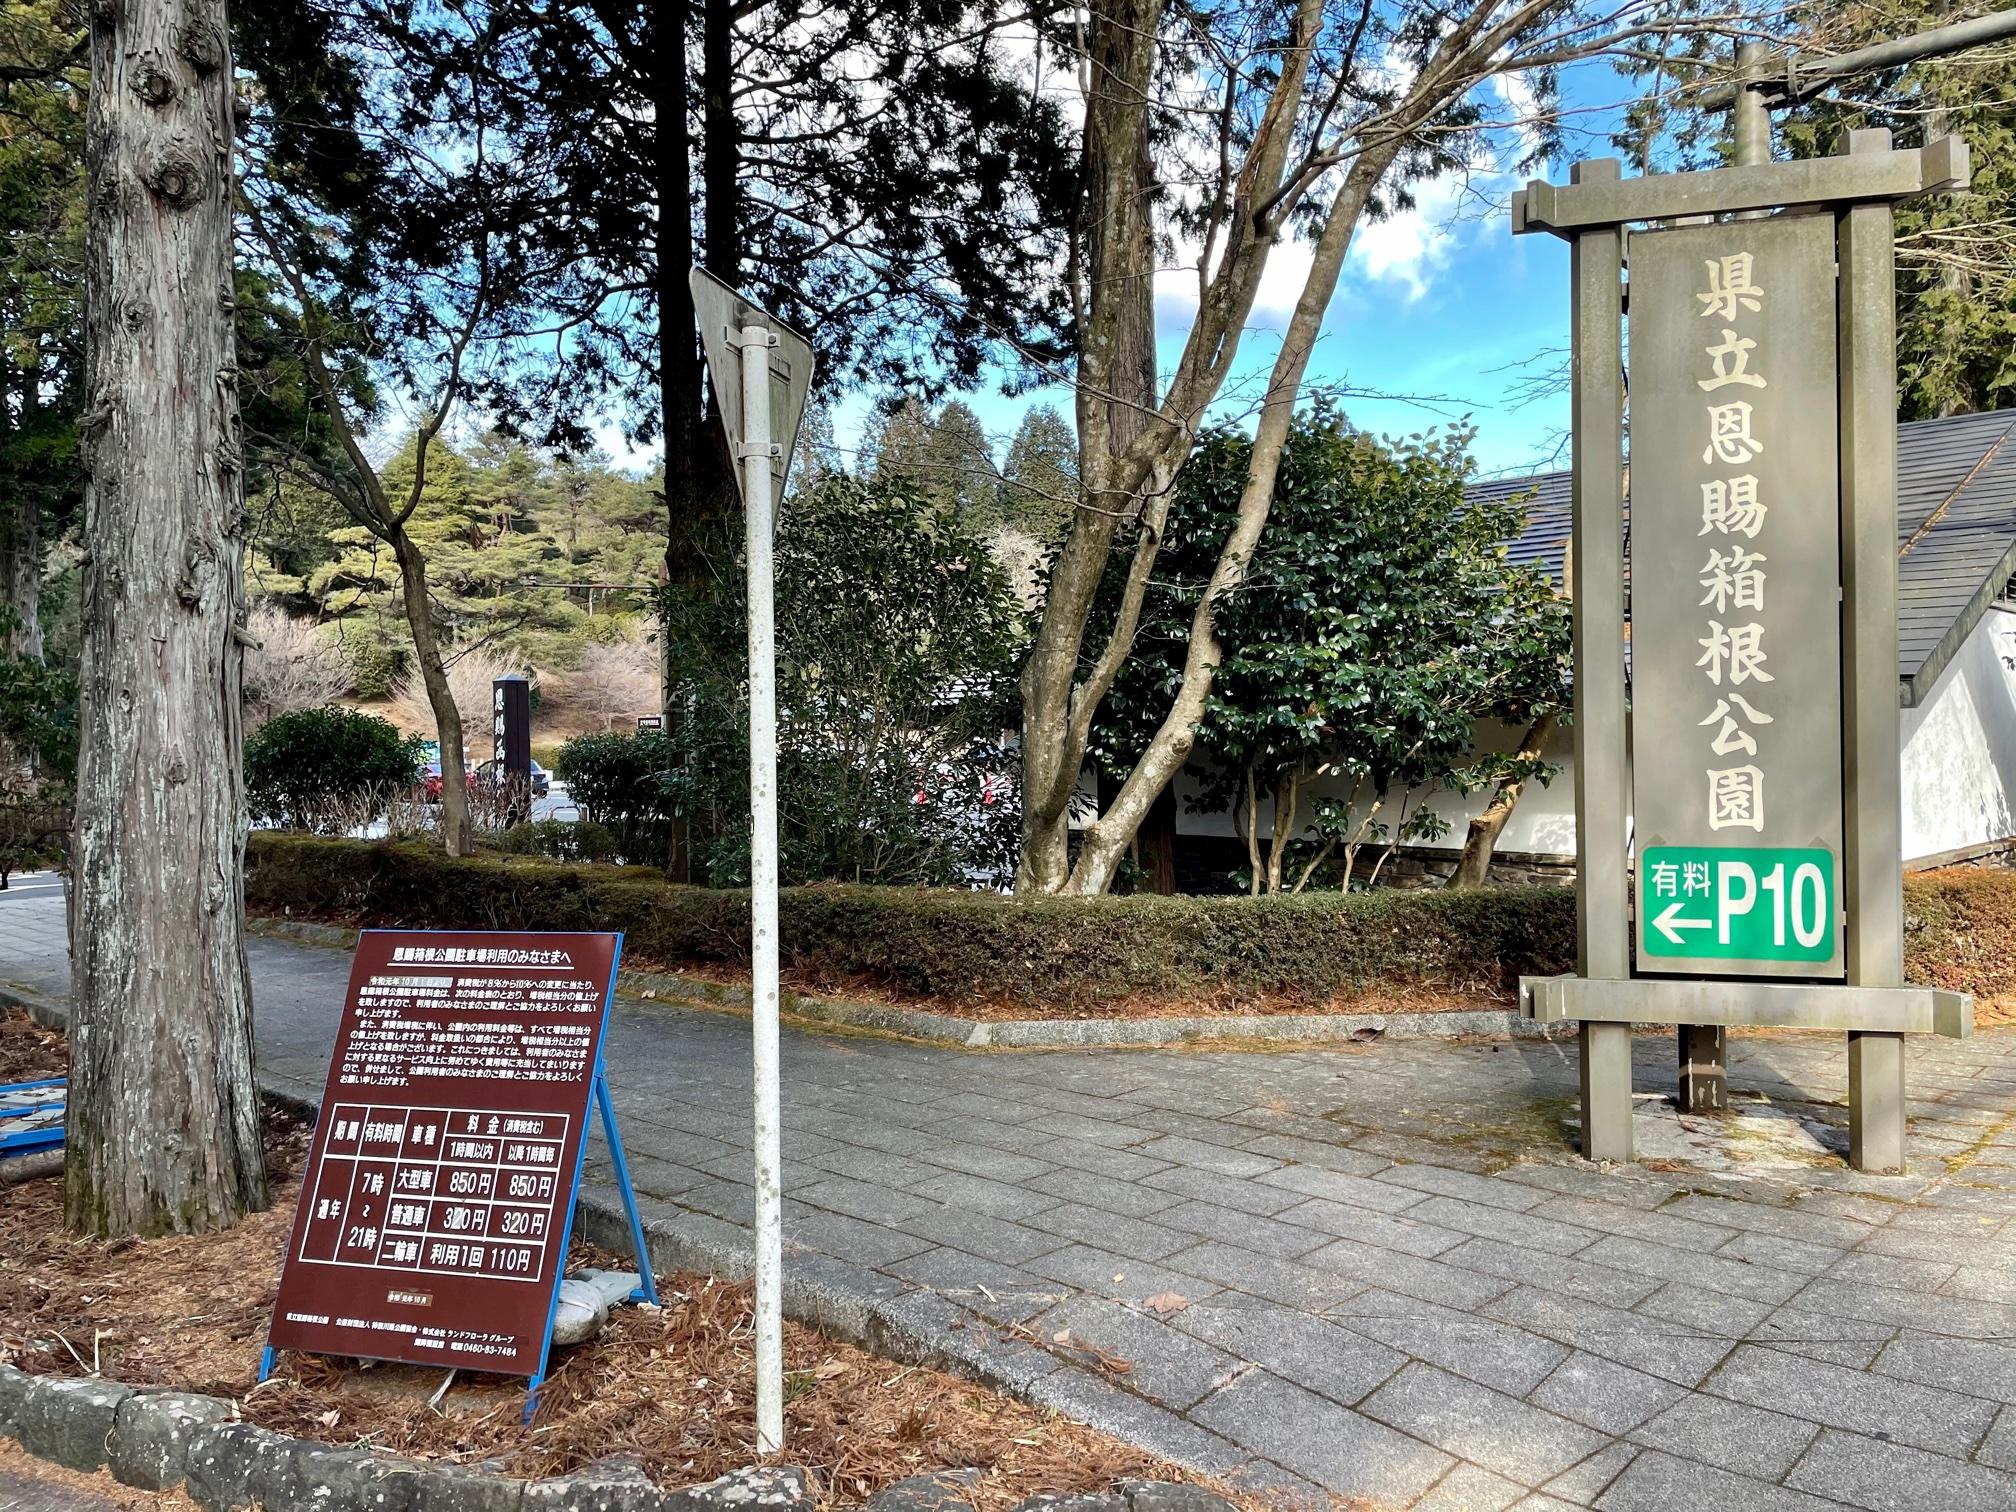 恩賜公園駐車場 芦ノ湖